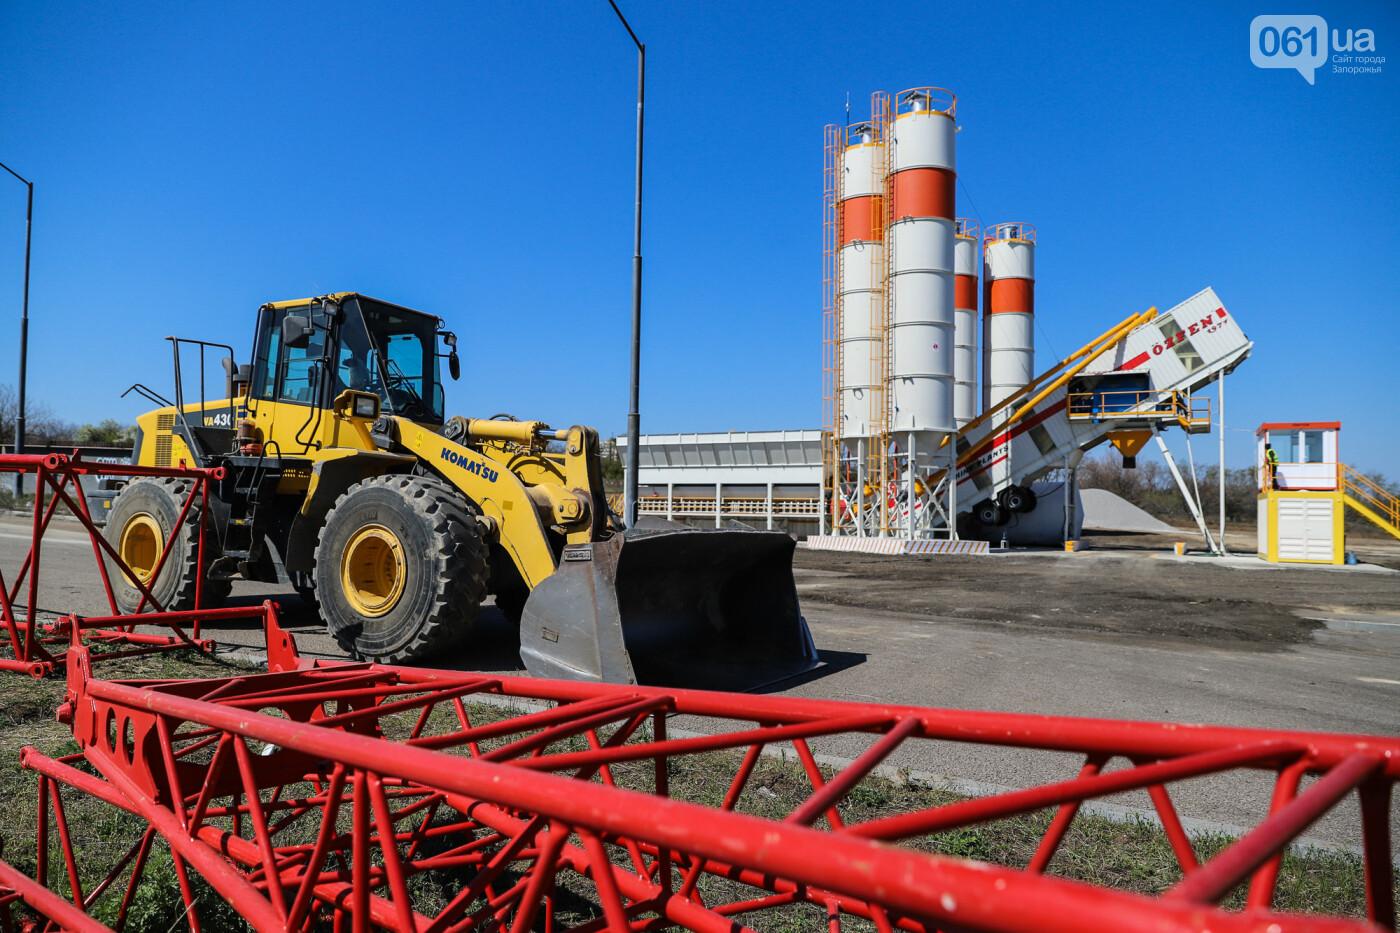 На запорожские мосты выделено 2,7 миллиарда: что сейчас проиходит стройплощадке, - ФОТОРЕПОРТАЖ, фото-14